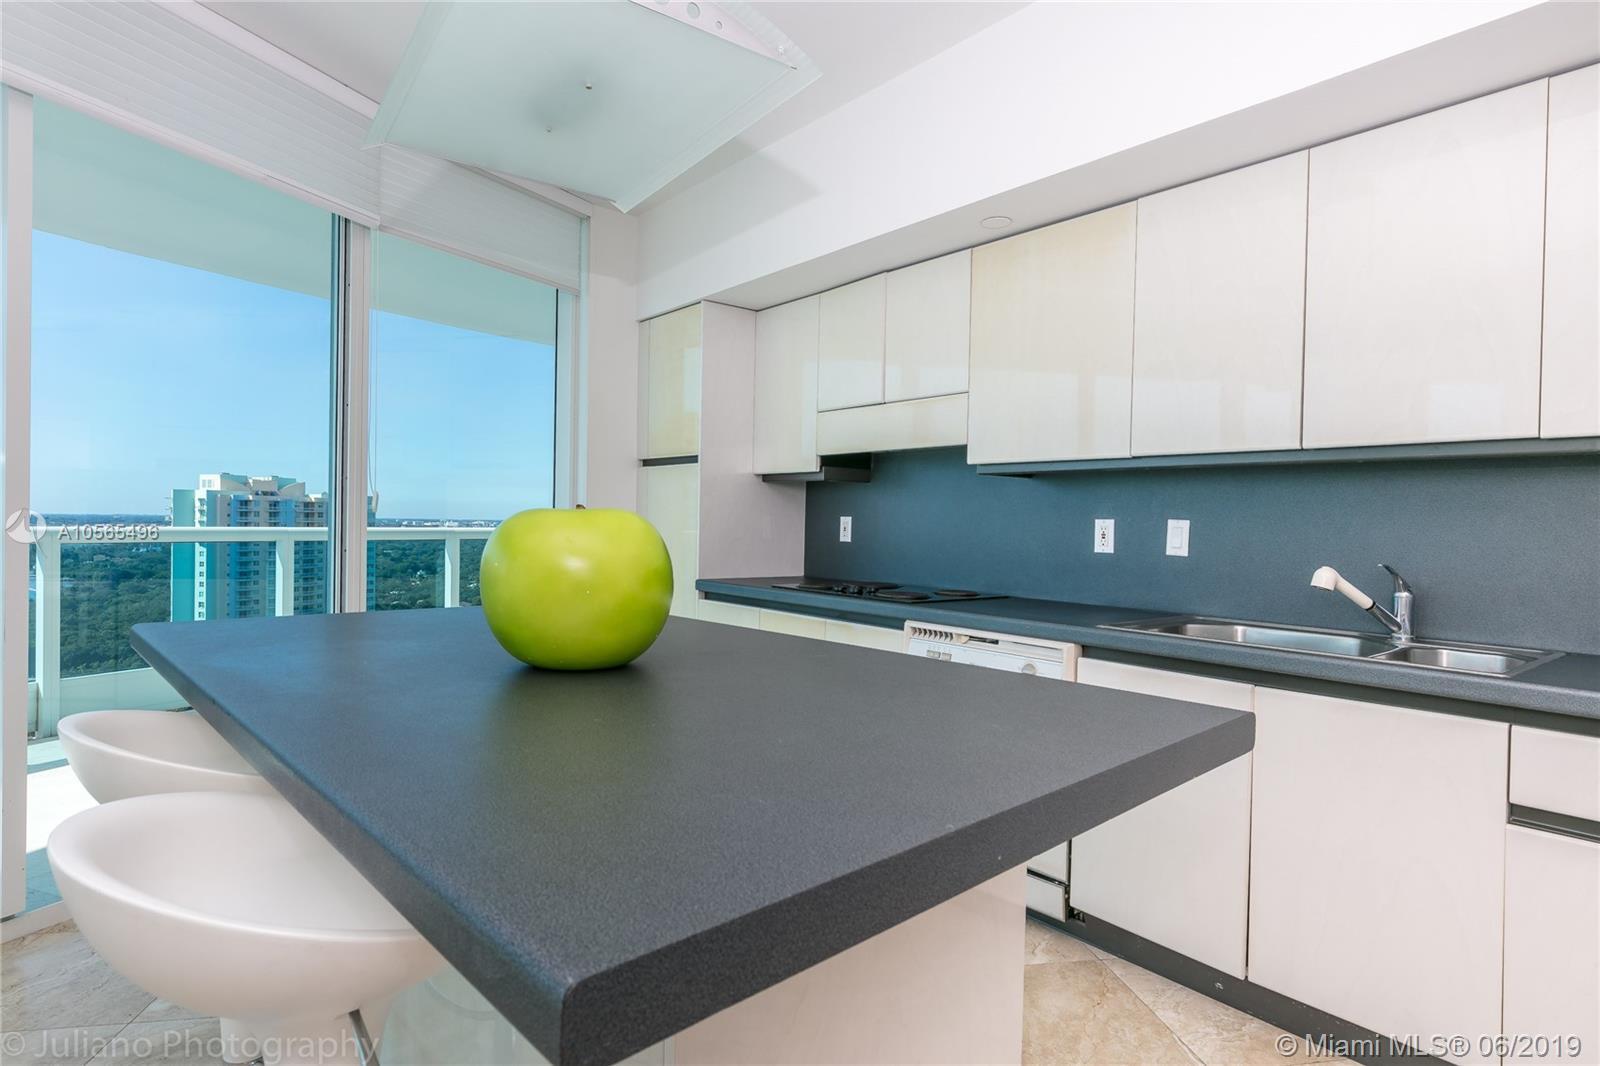 2127 Brickell Avenue, Miami, FL 33129, Bristol Tower Condominium #2902, Brickell, Miami A10565496 image #13